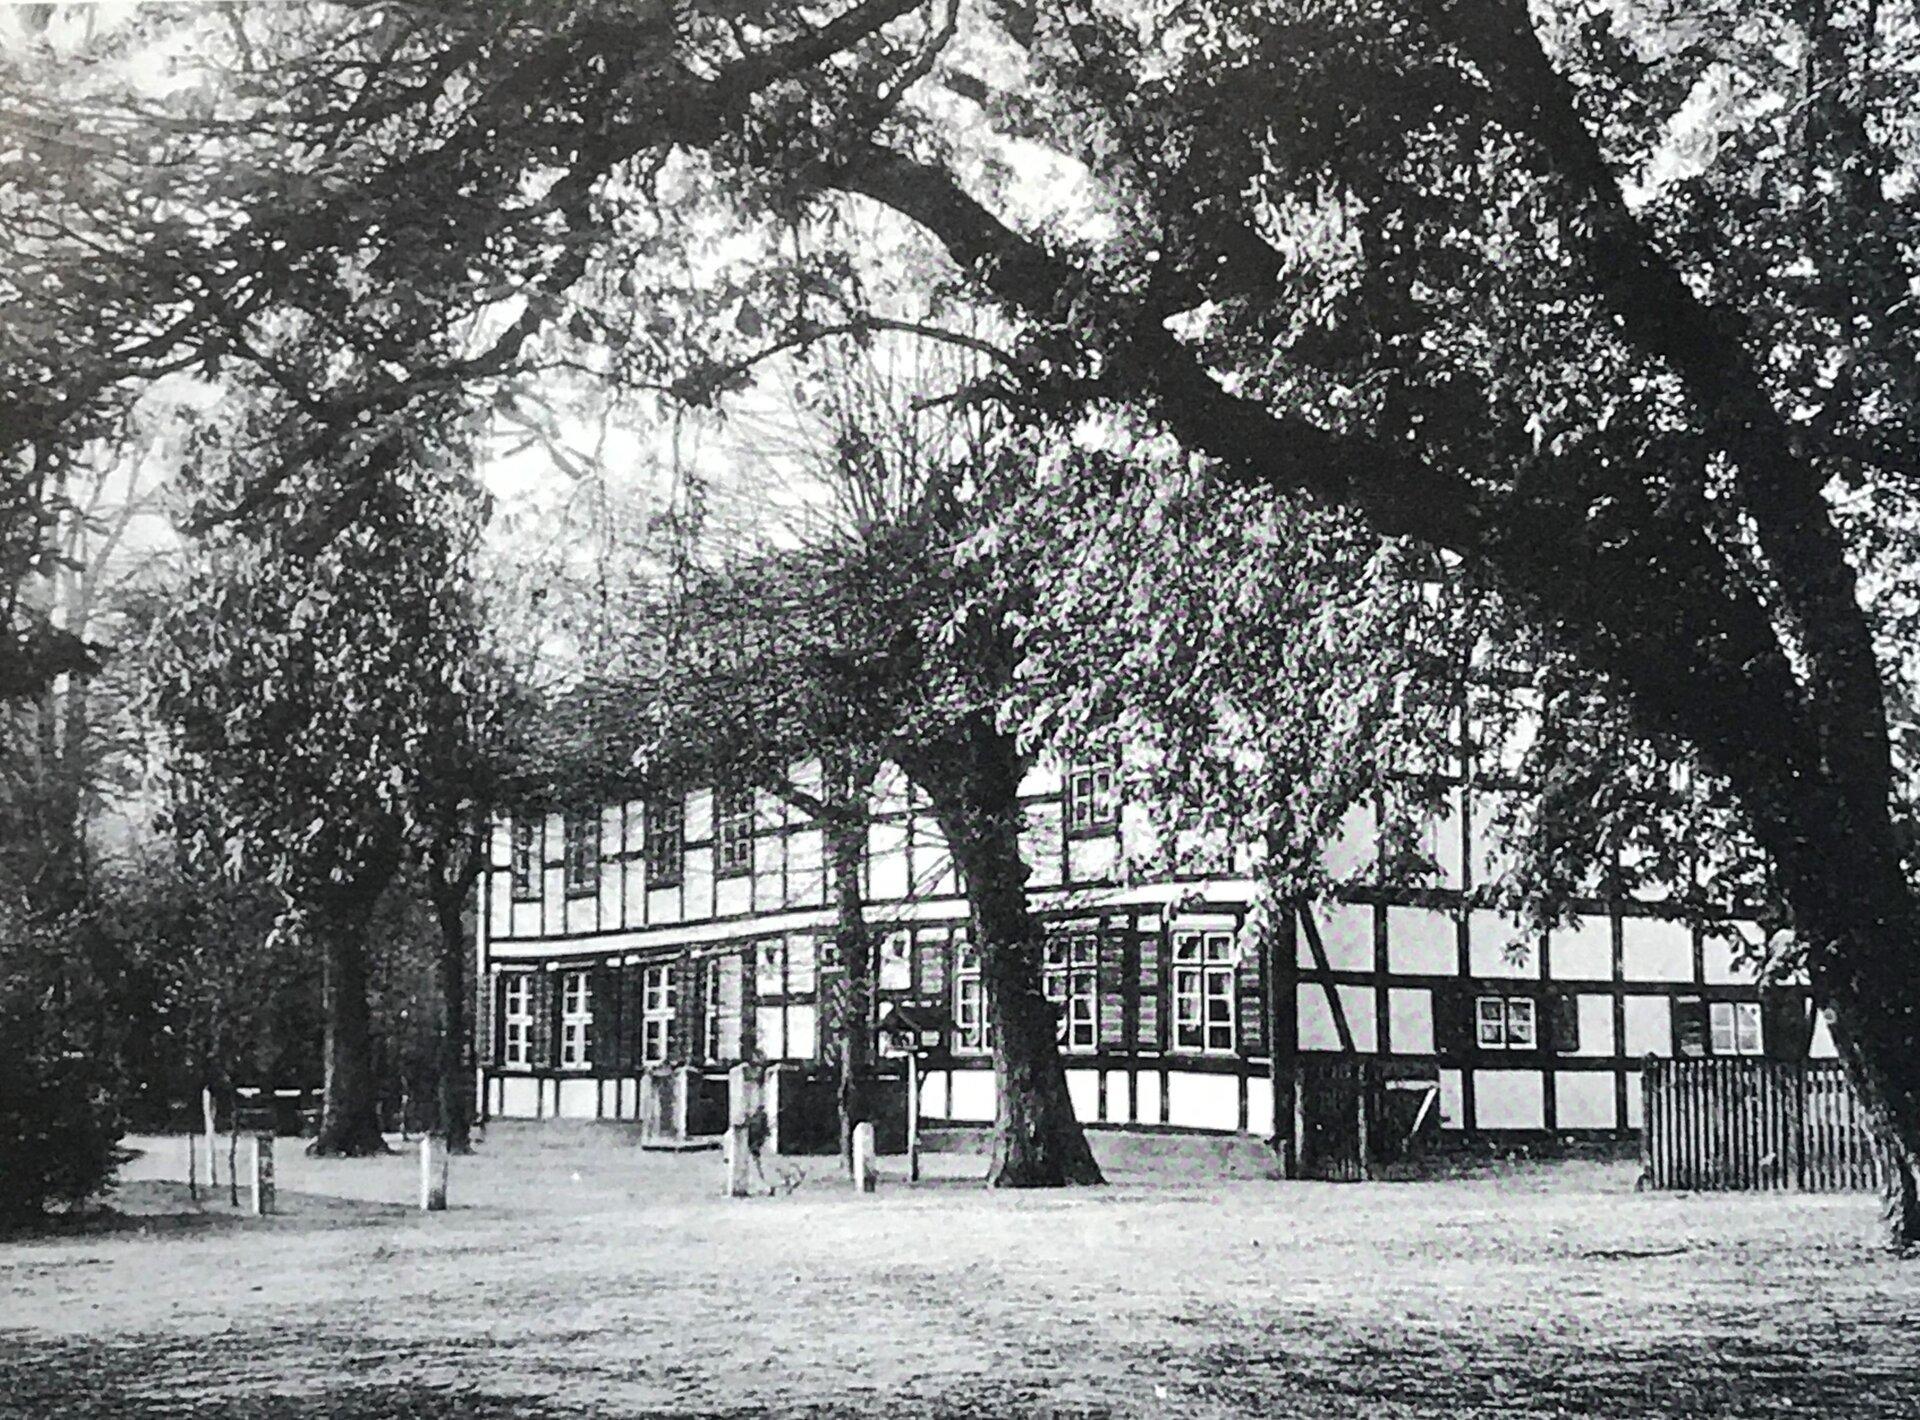 Unser Bild zeigt den Alten Finkenkrug (Quelle: Museum und Galerie Falkensee).